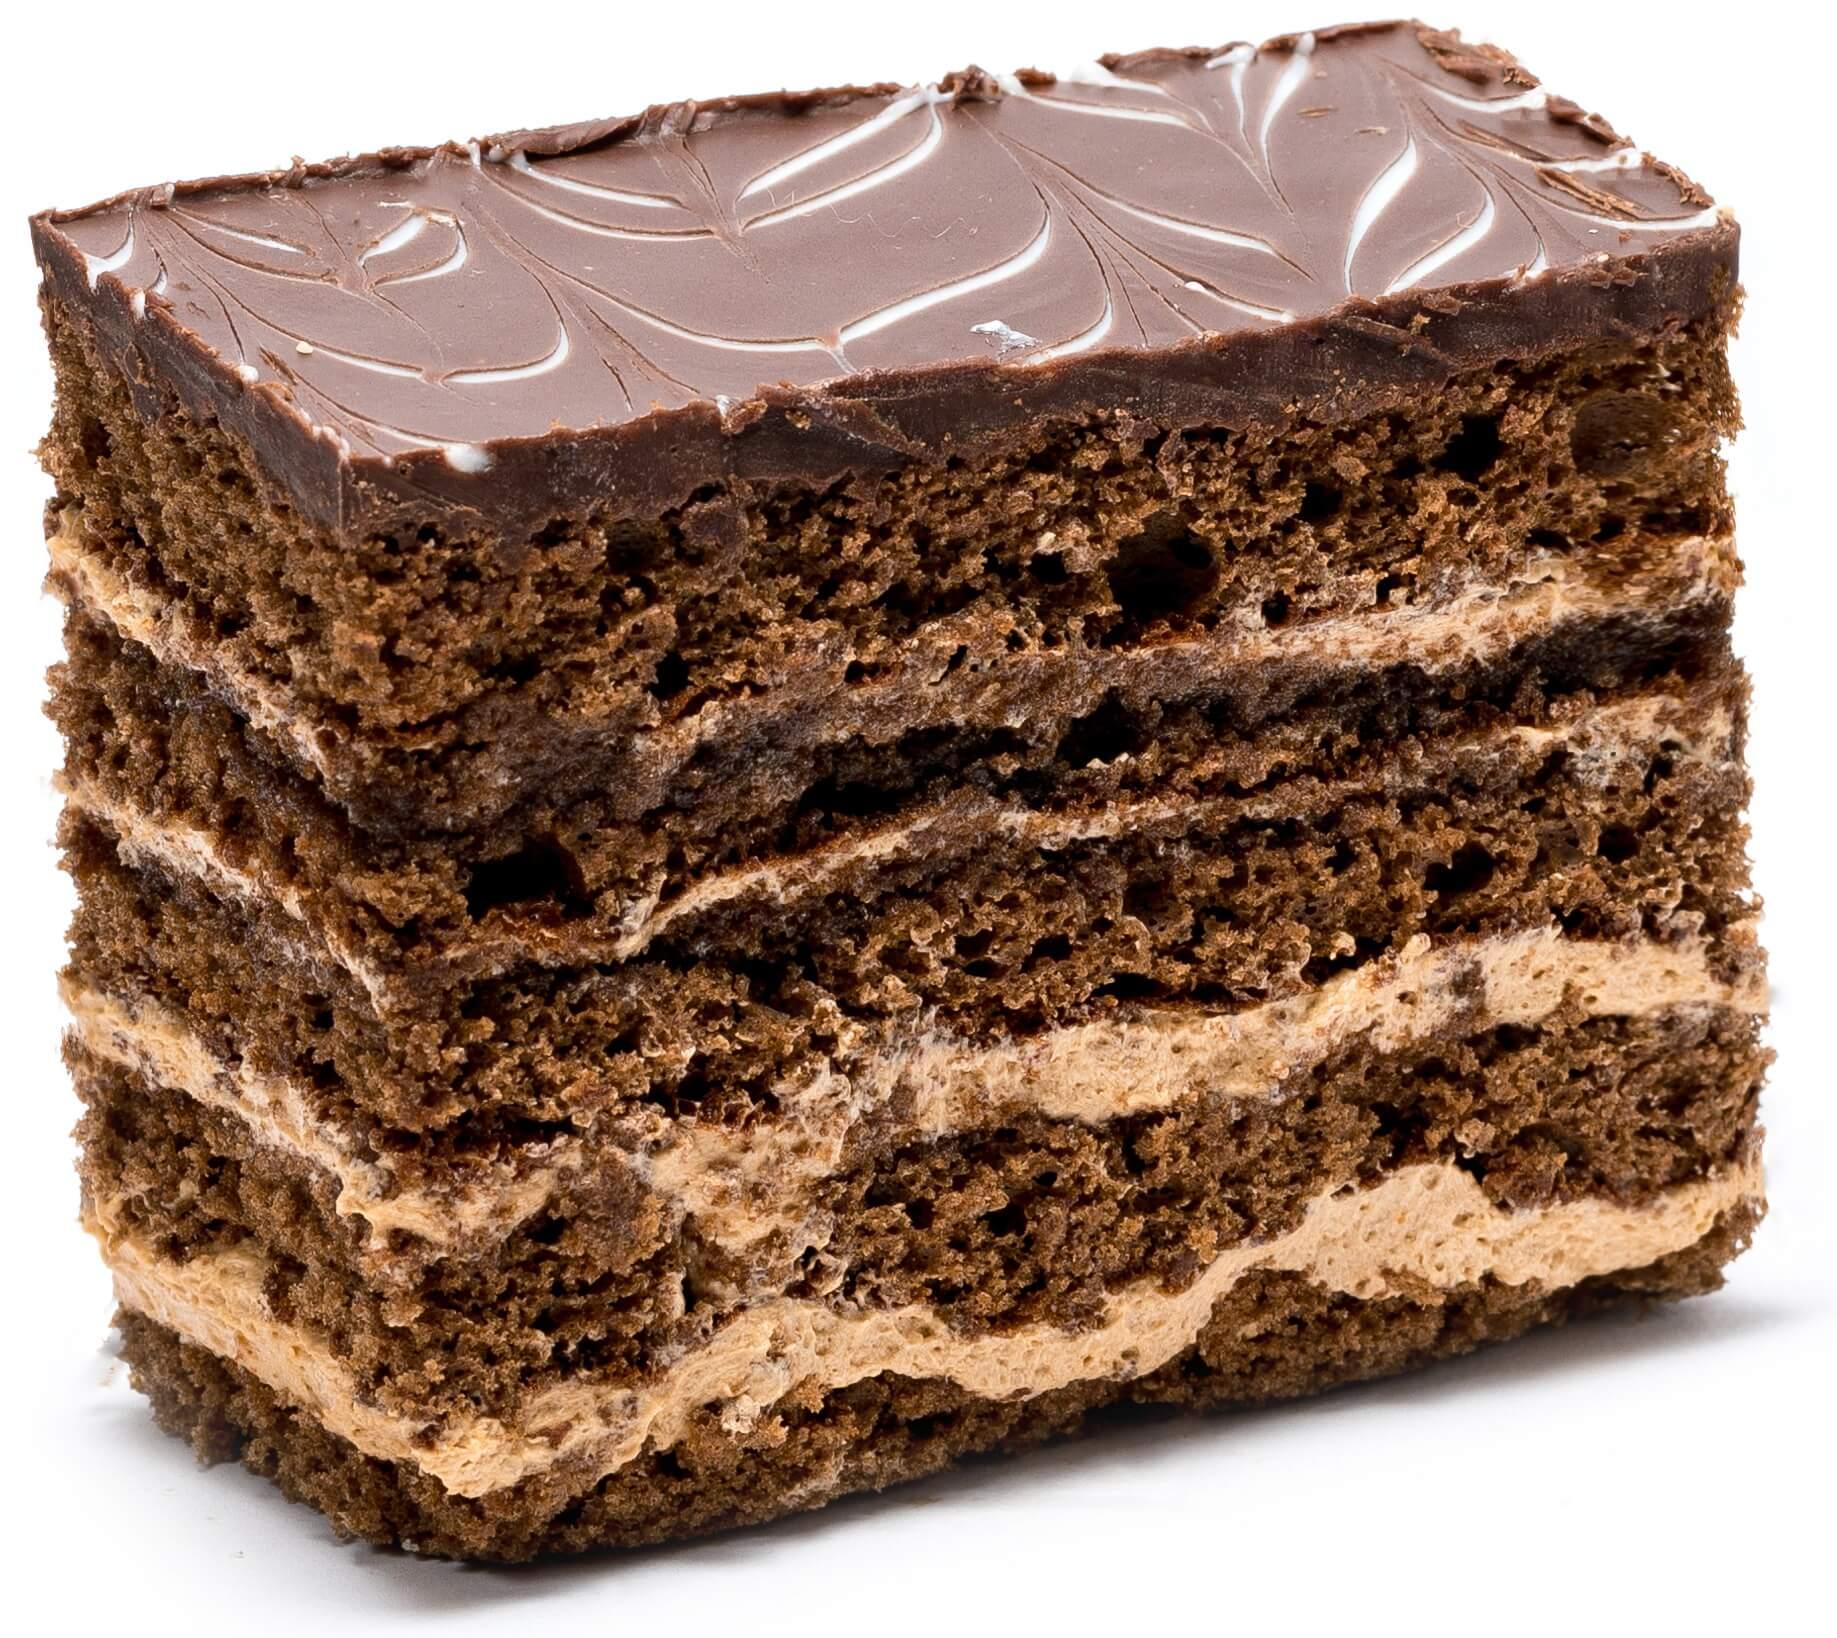 Пирожное бисквитное «Мулатка» фото 1